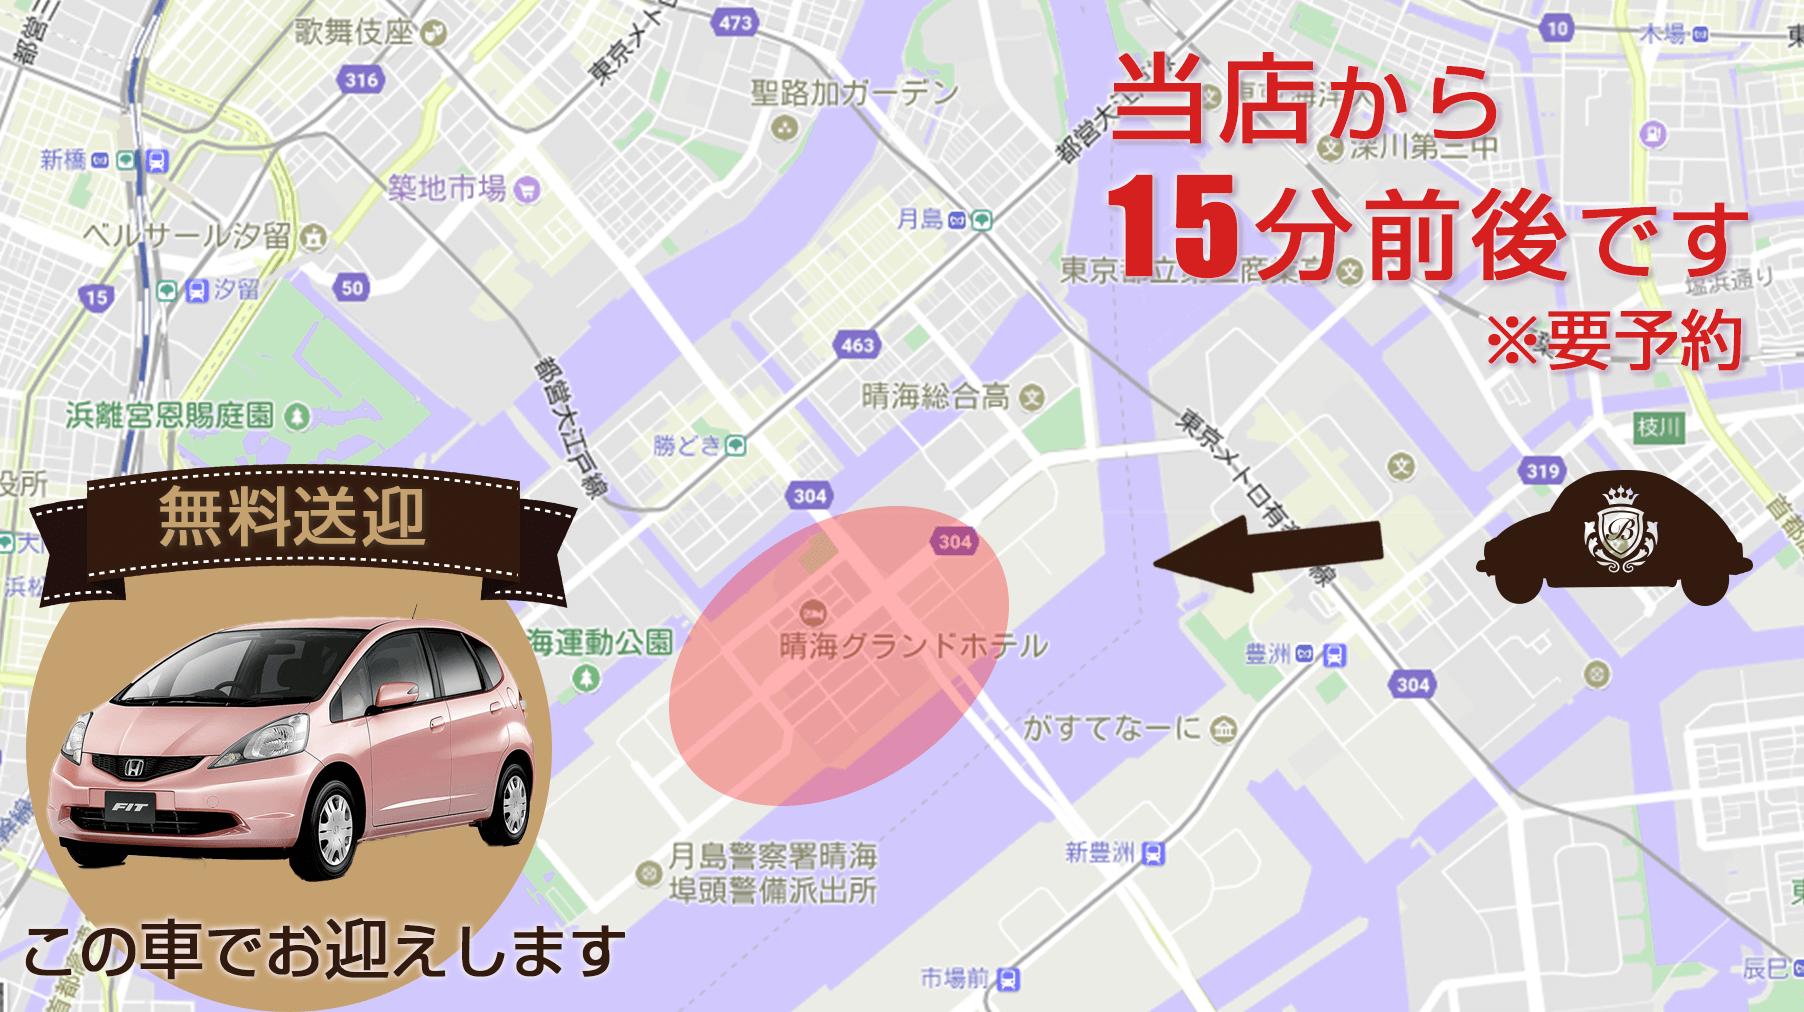 無料送迎地域【晴海エリア】